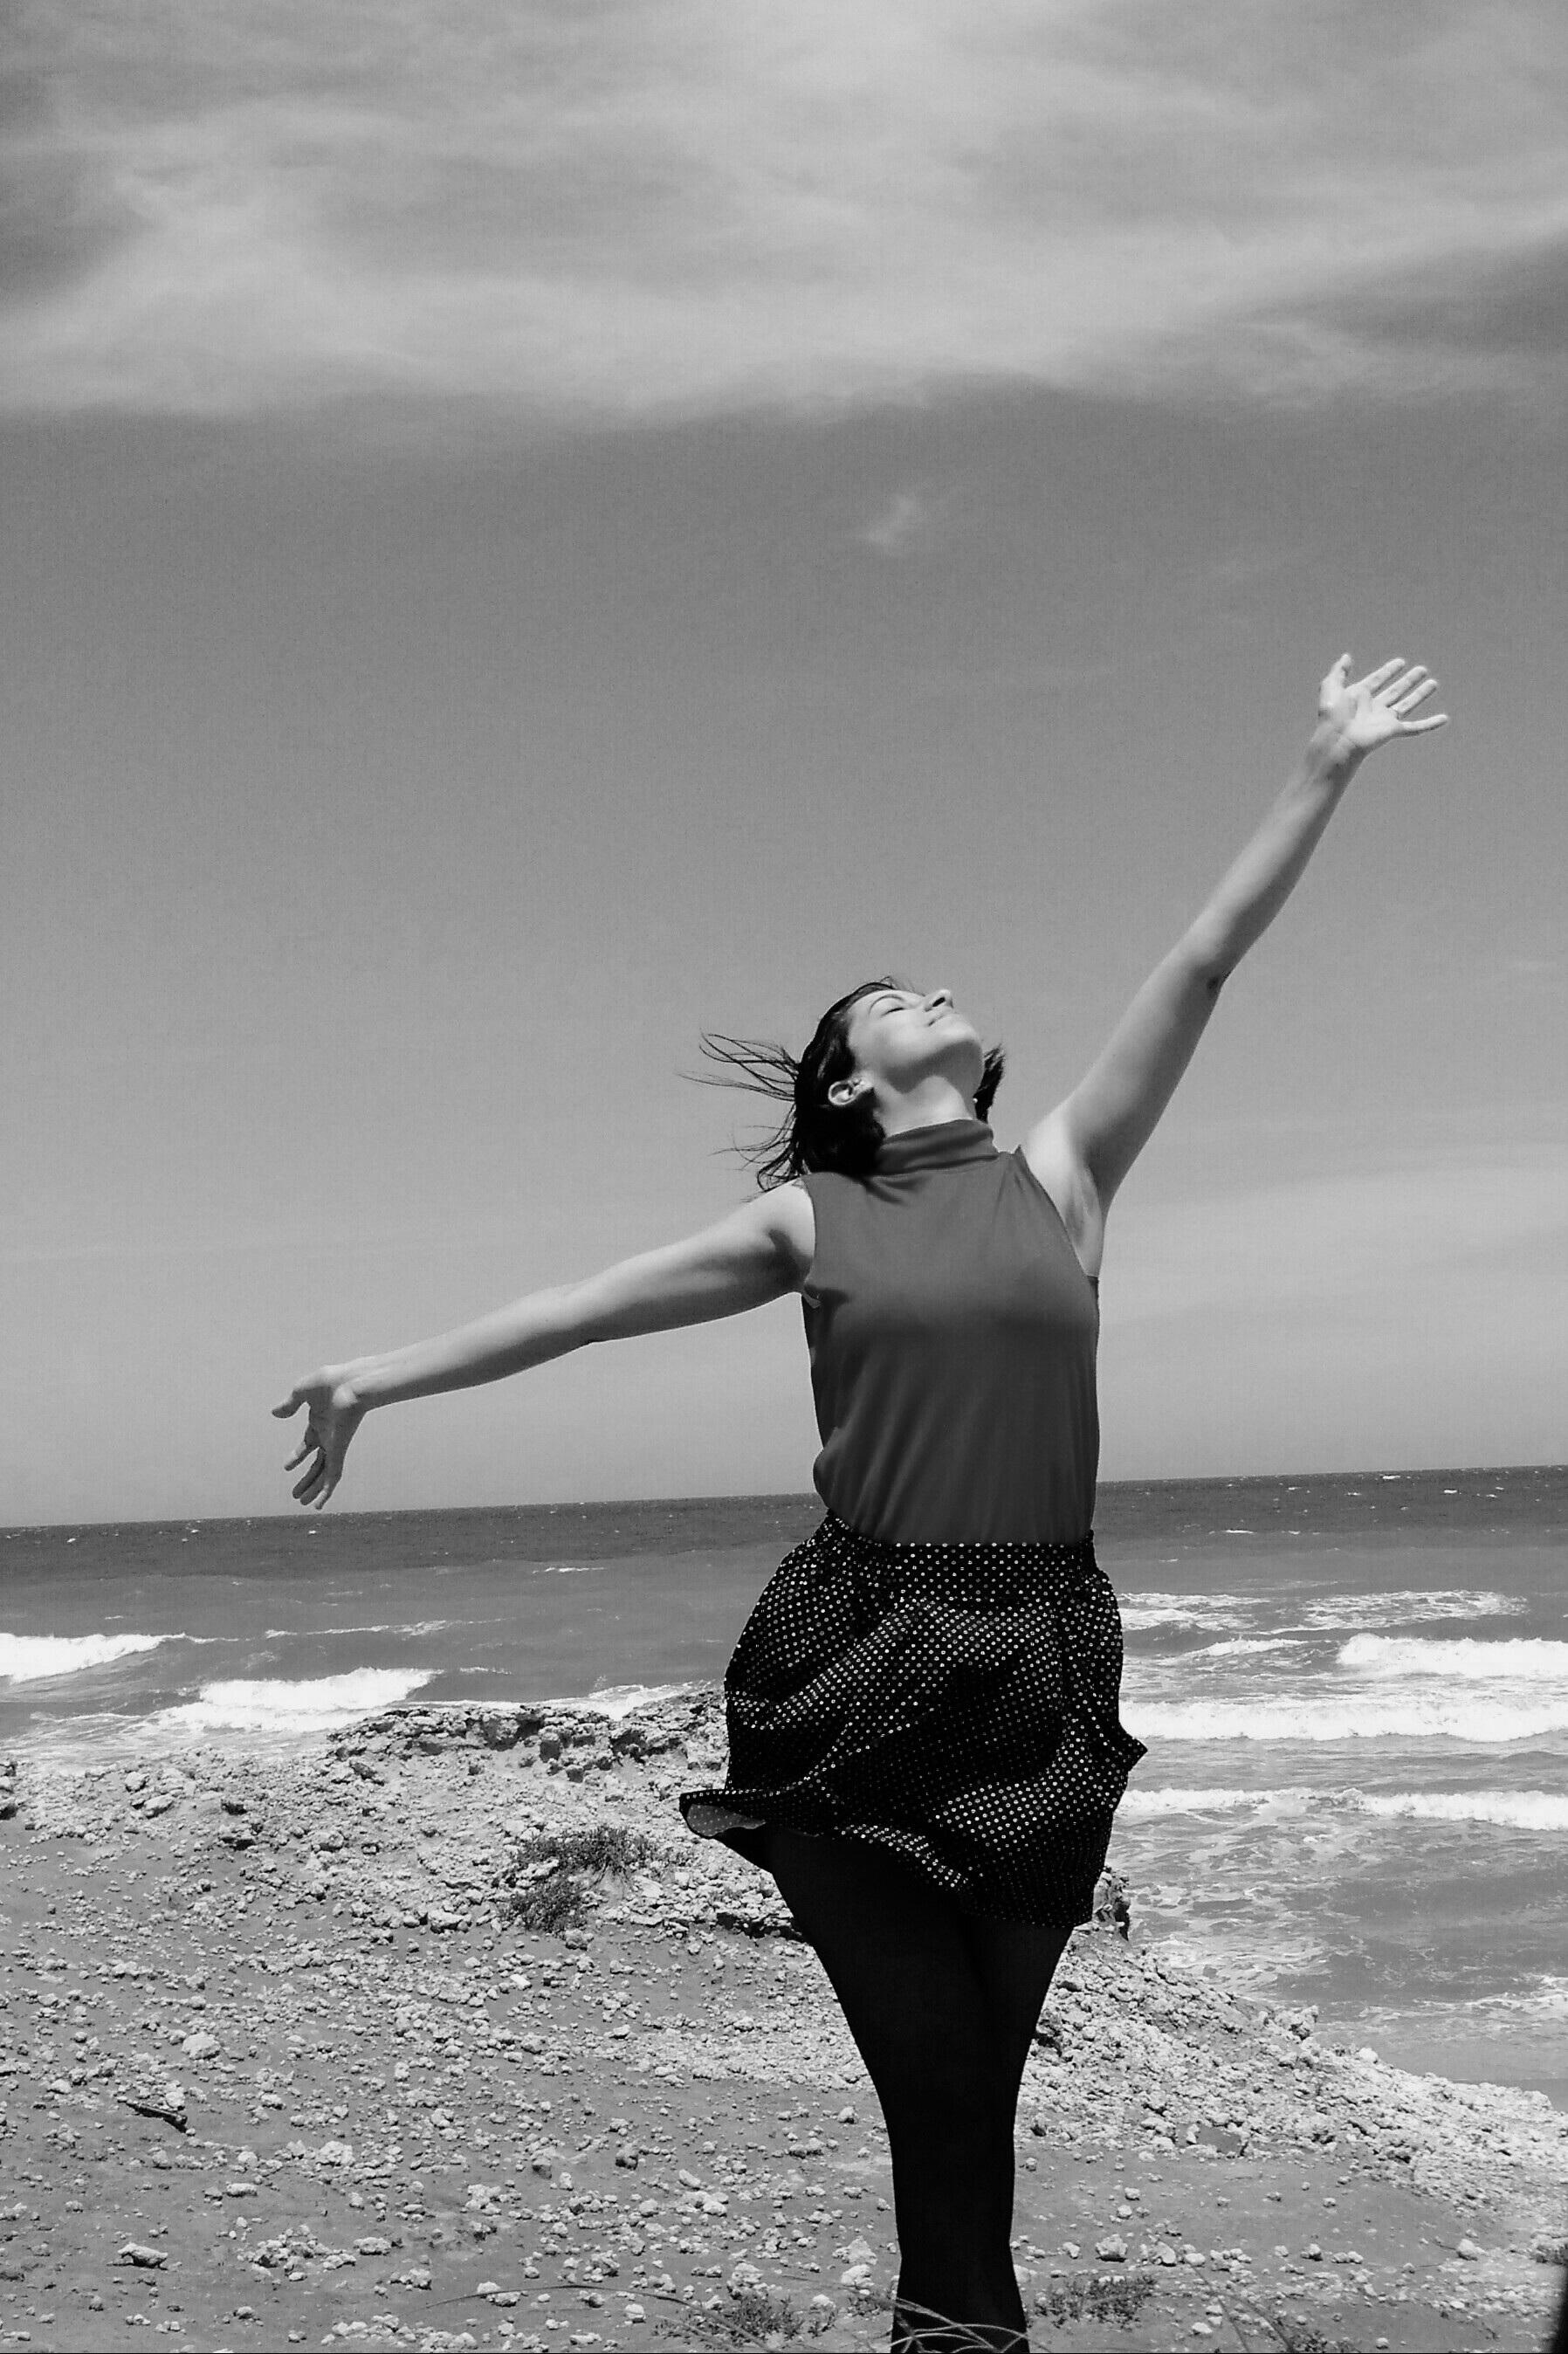 Pace Bianco E Nero immagini belle : spiaggia, mare, acqua, bianco e nero, donna